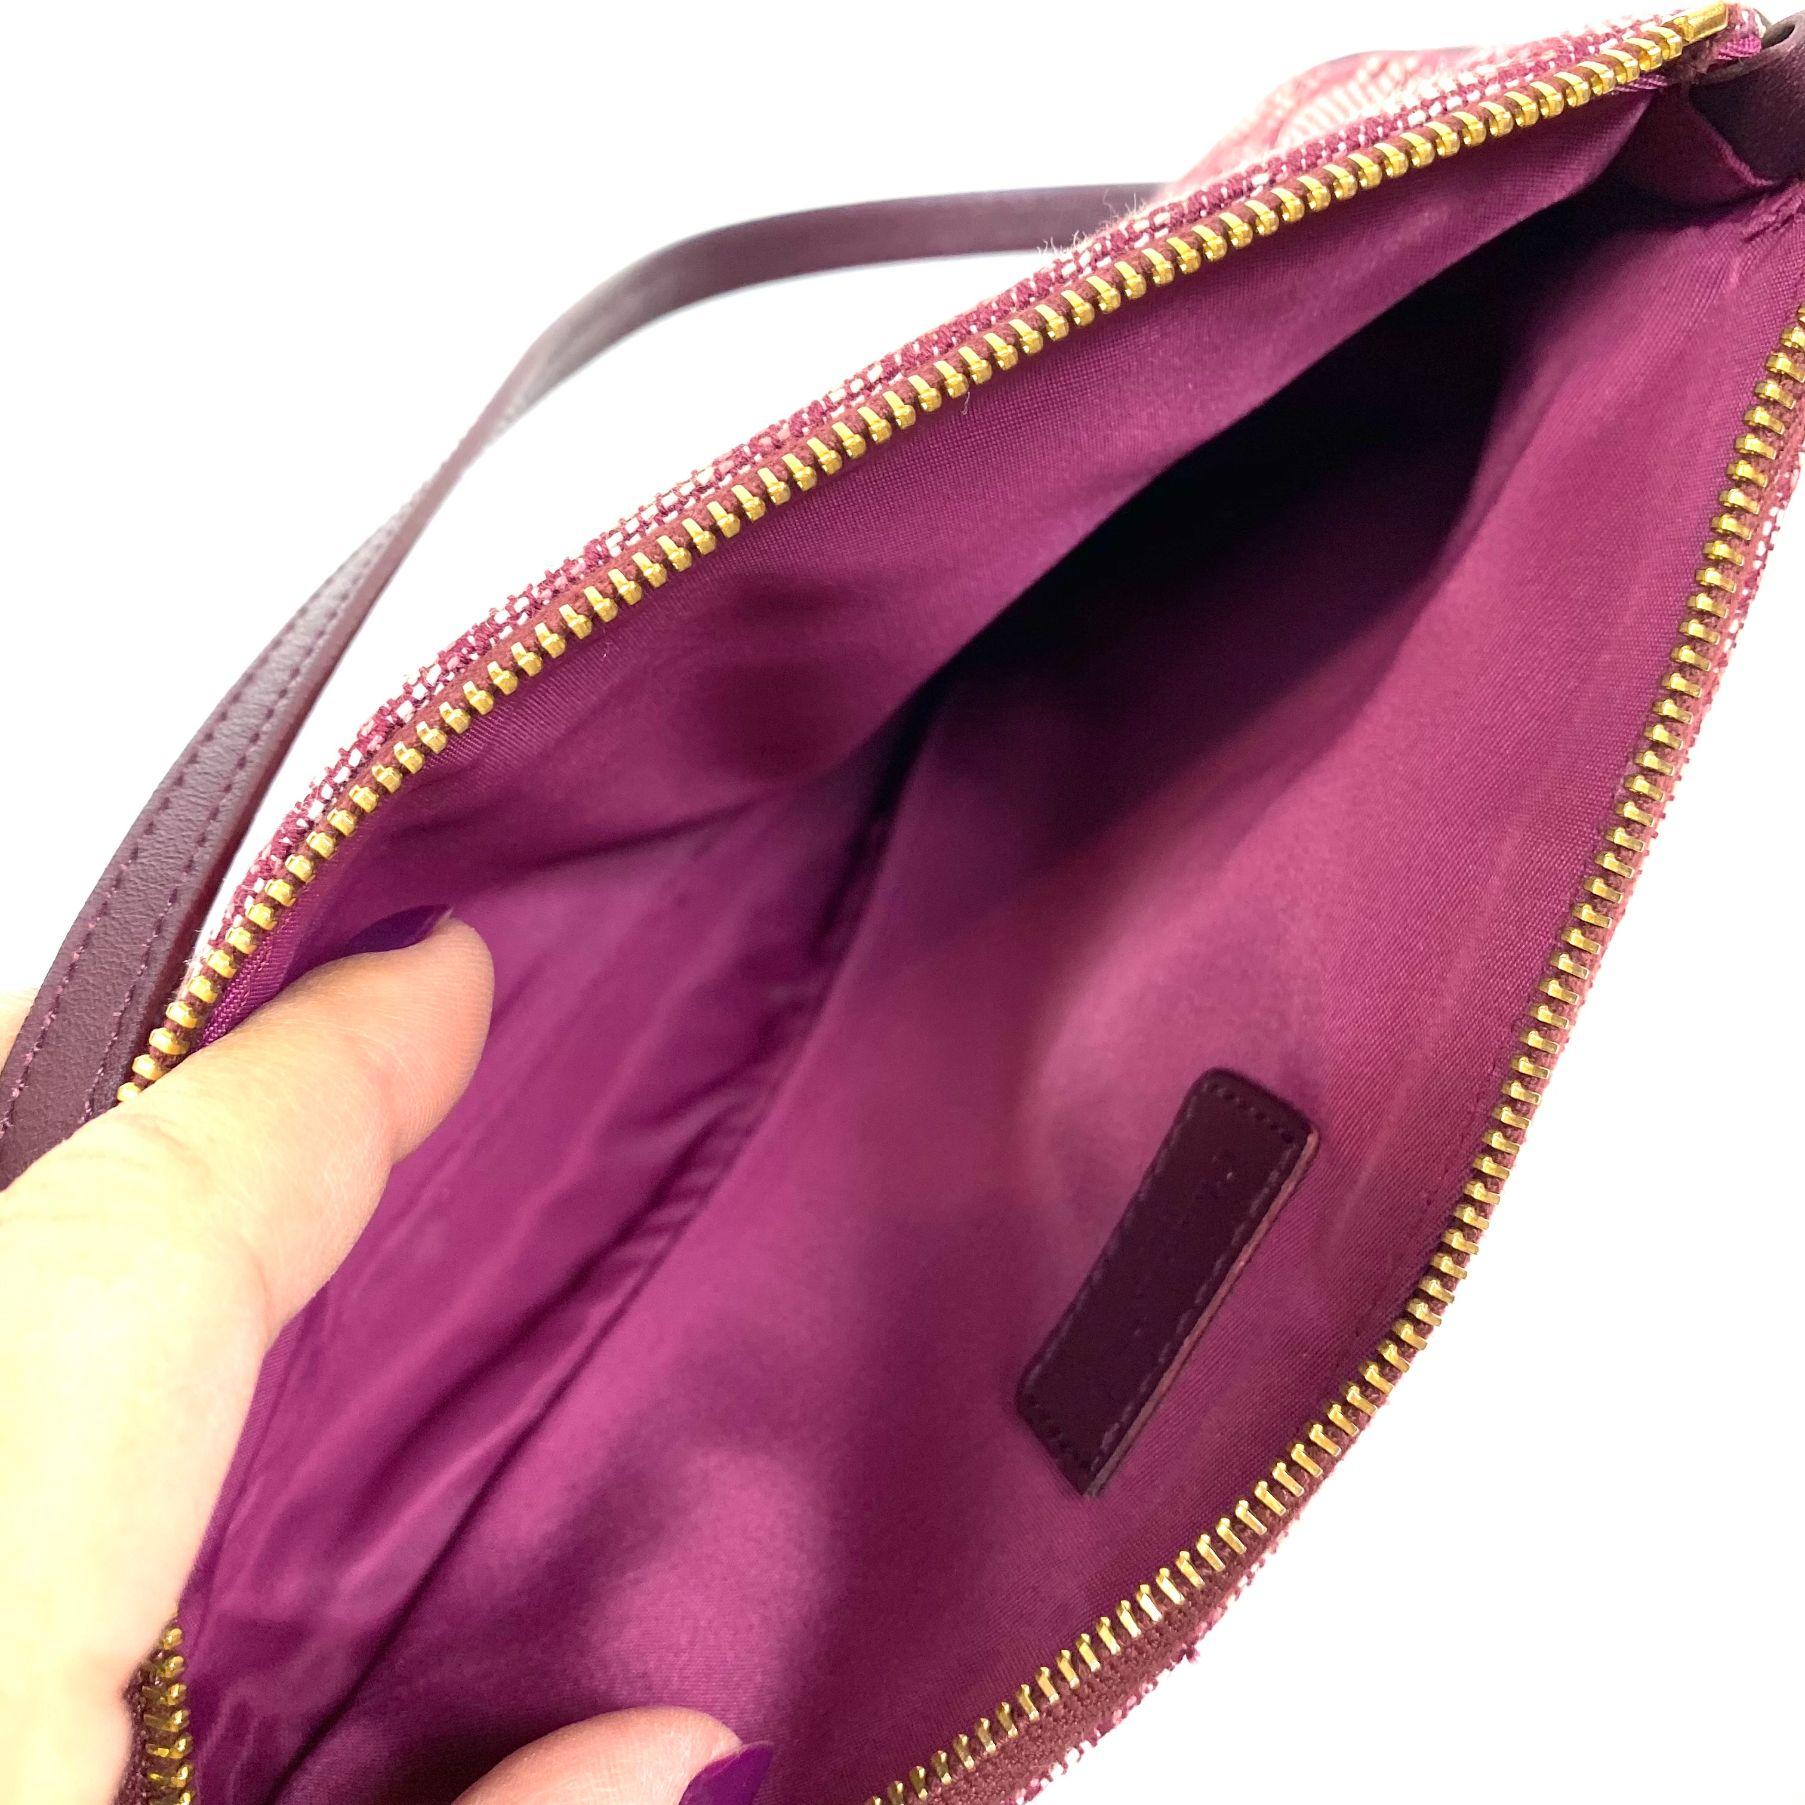 Bolsa Dior Saddle Pochette Vinho